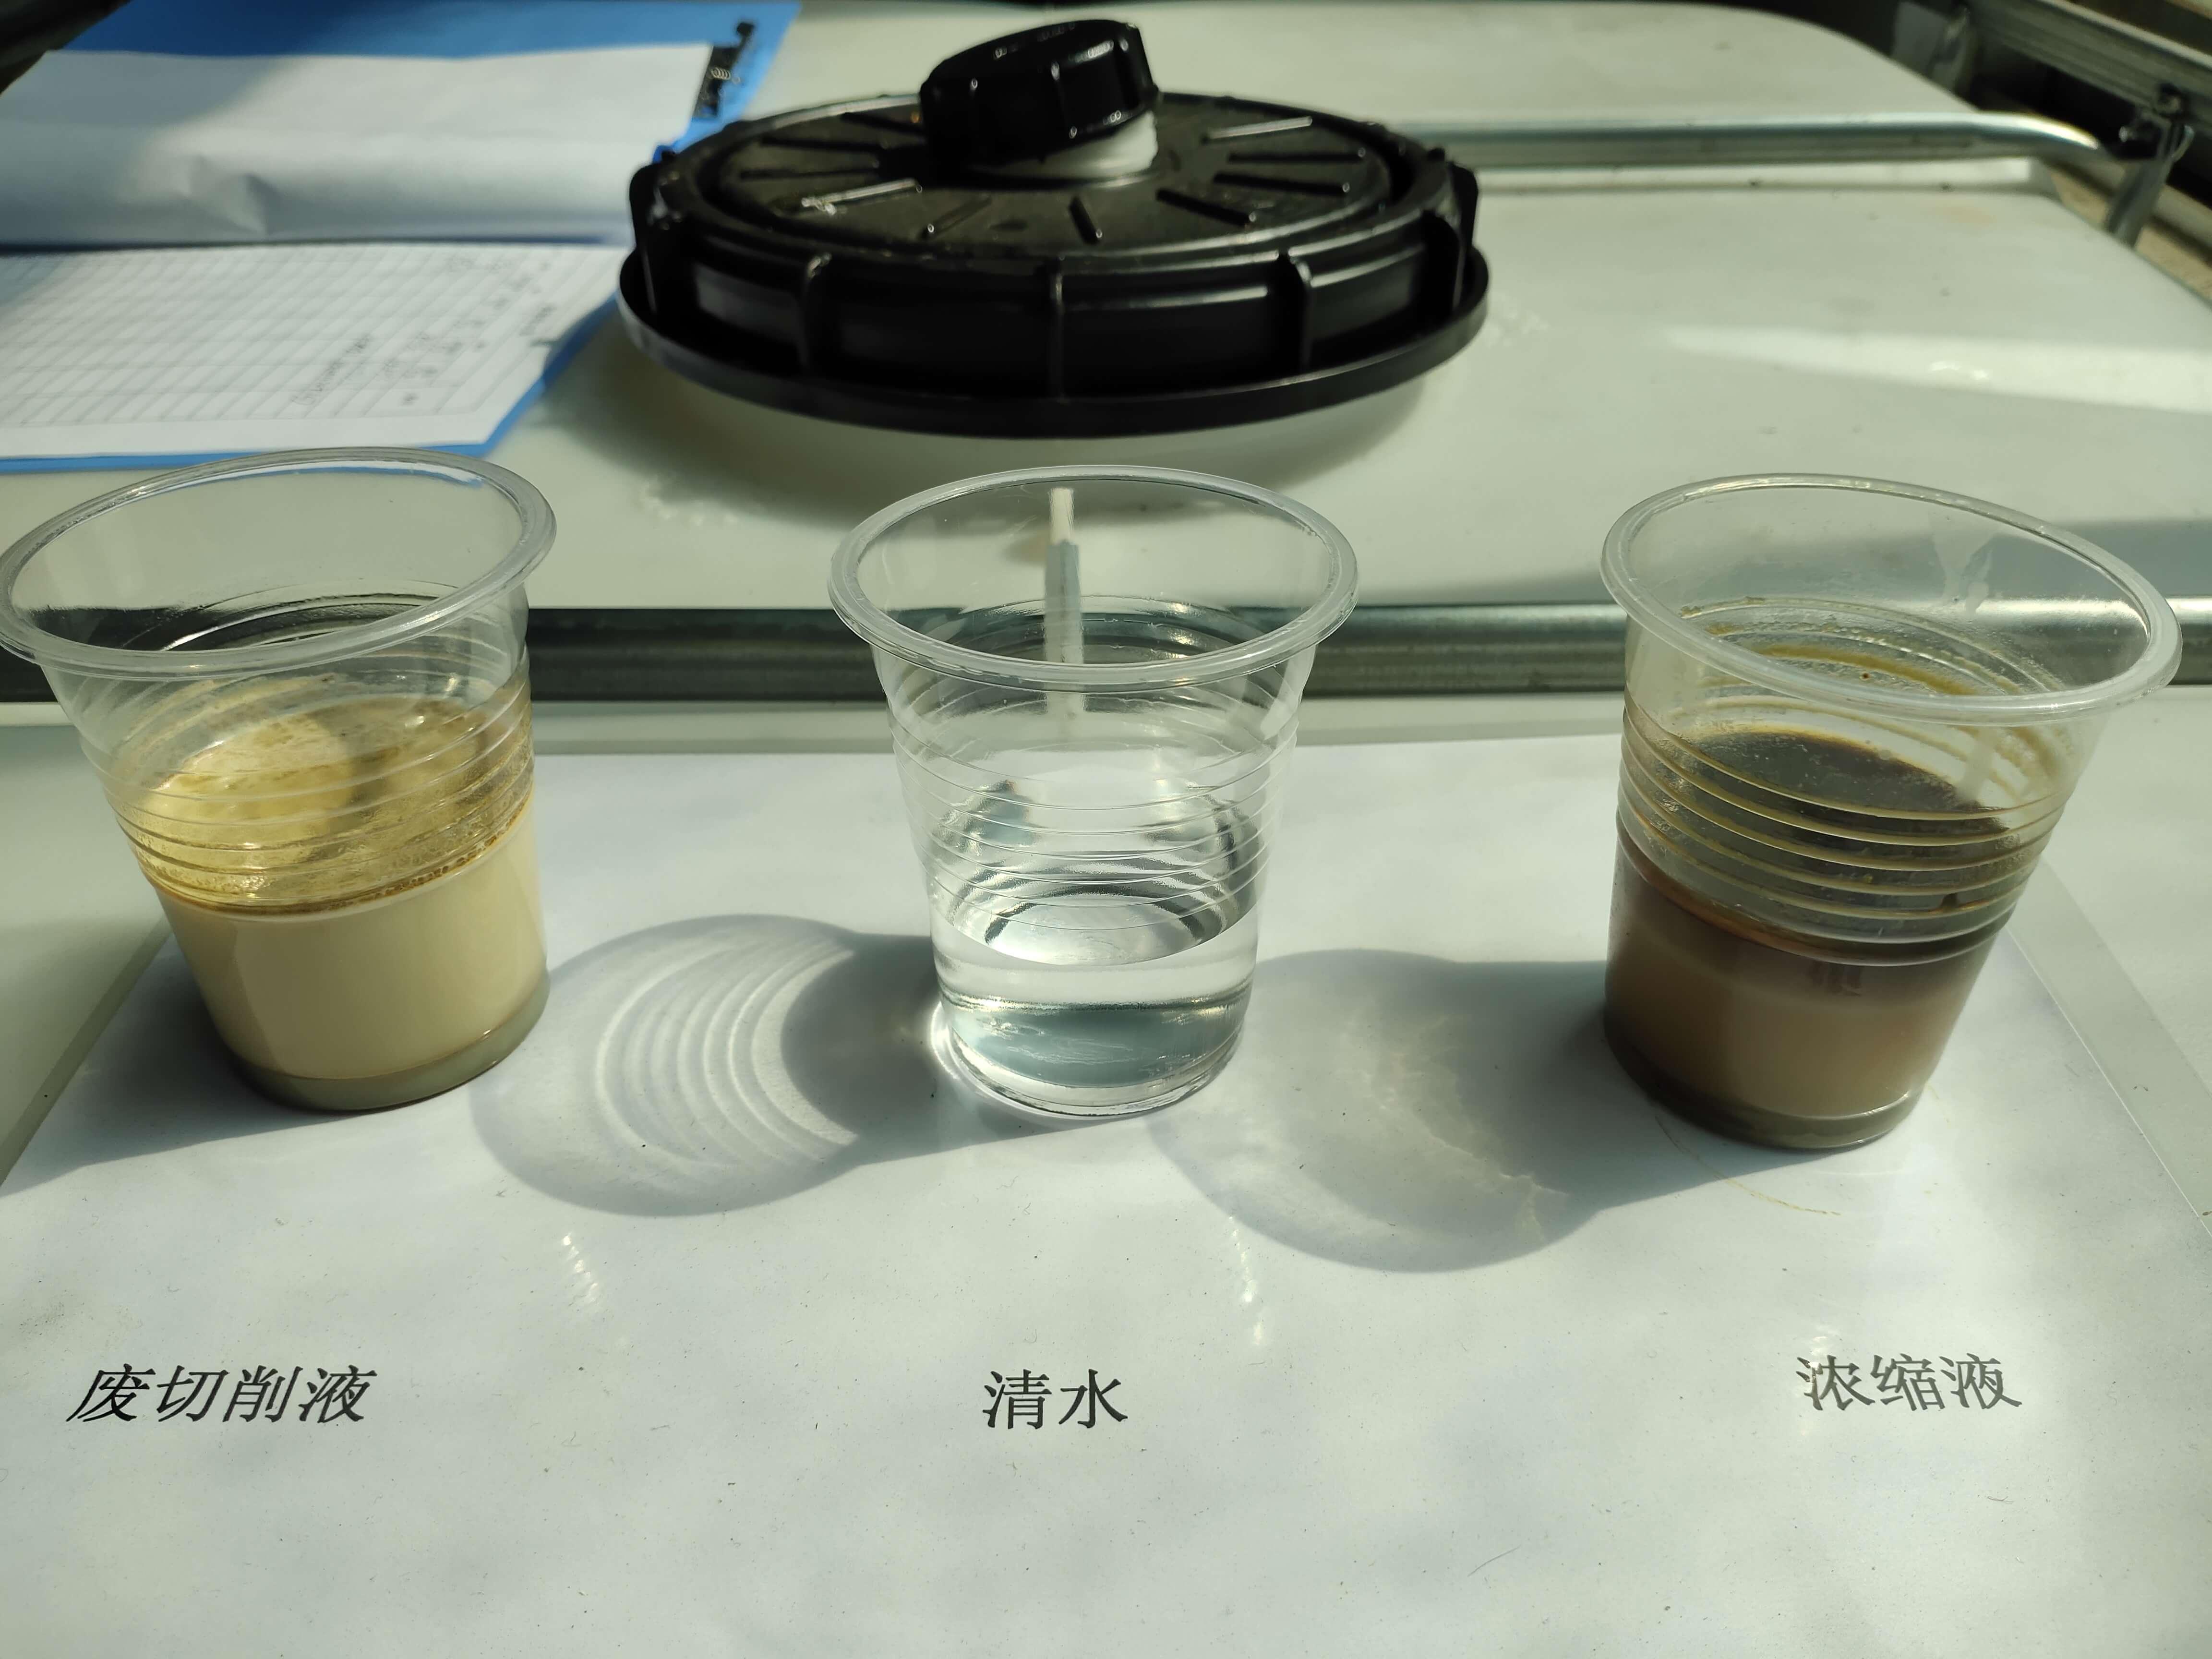 乳化切削液废水处理排放案例-羽杰科技